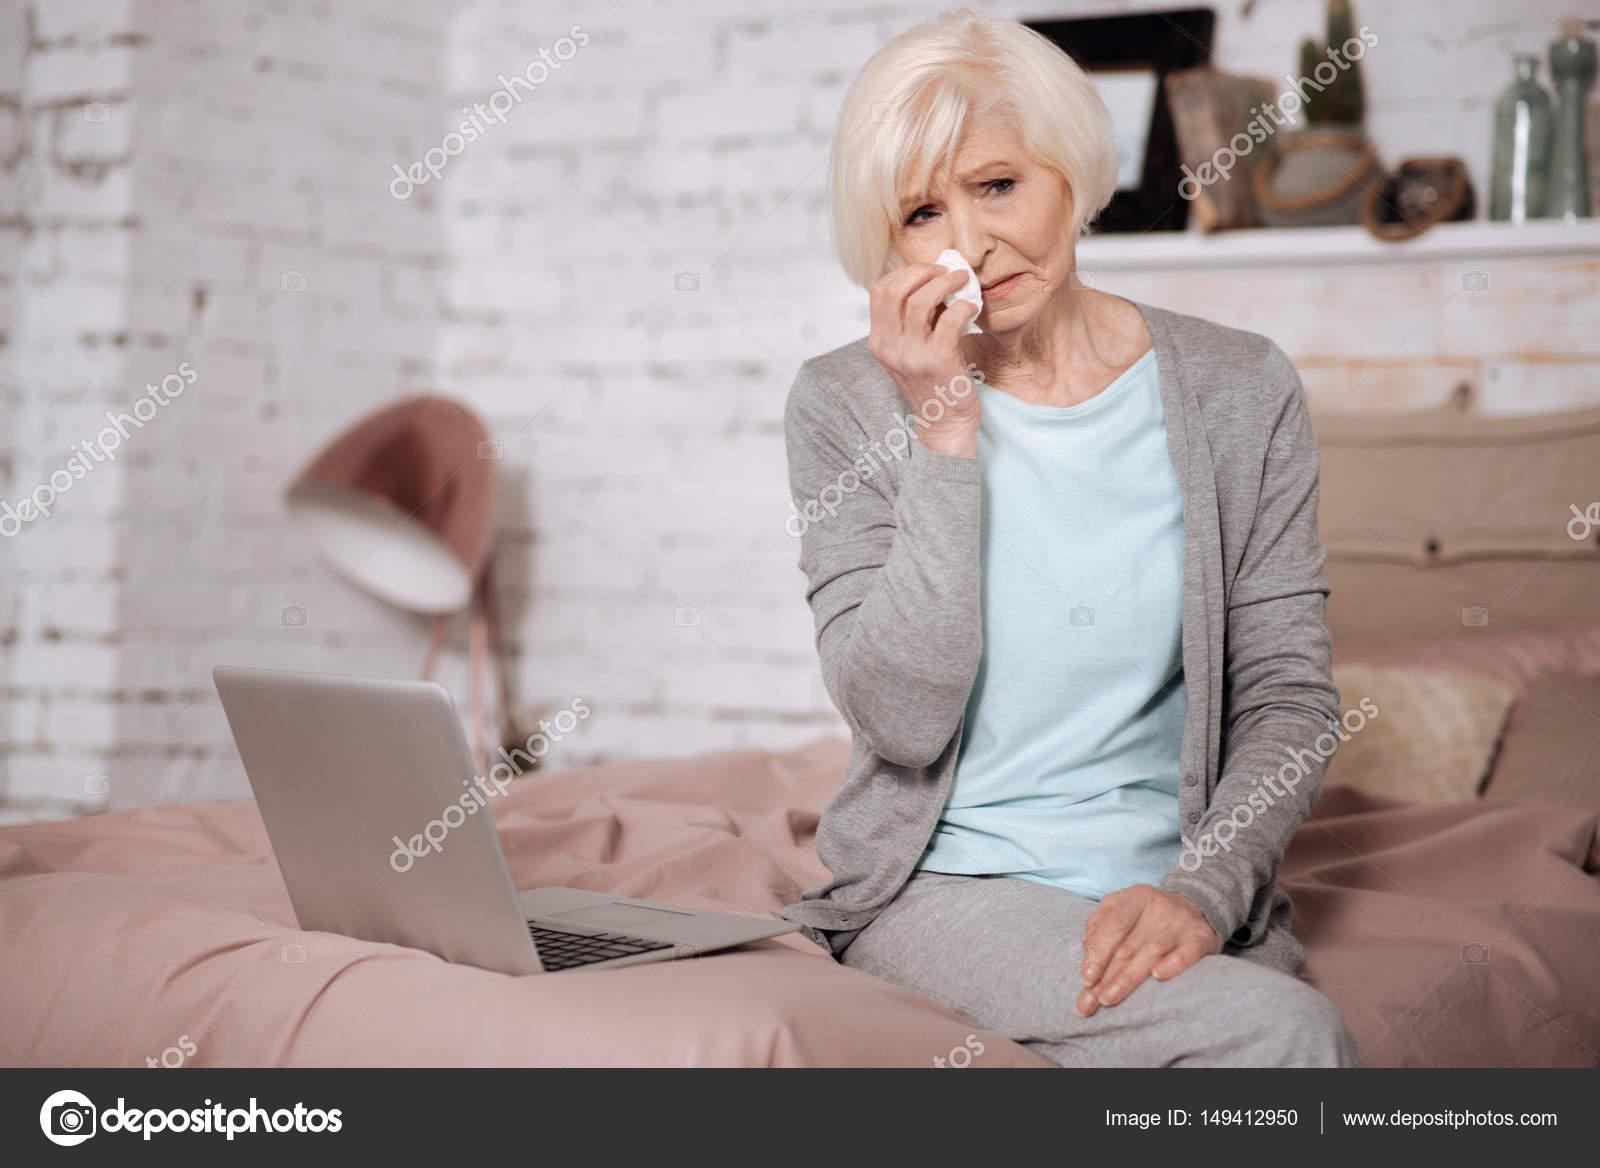 sort avec une femme âgée mauvaise